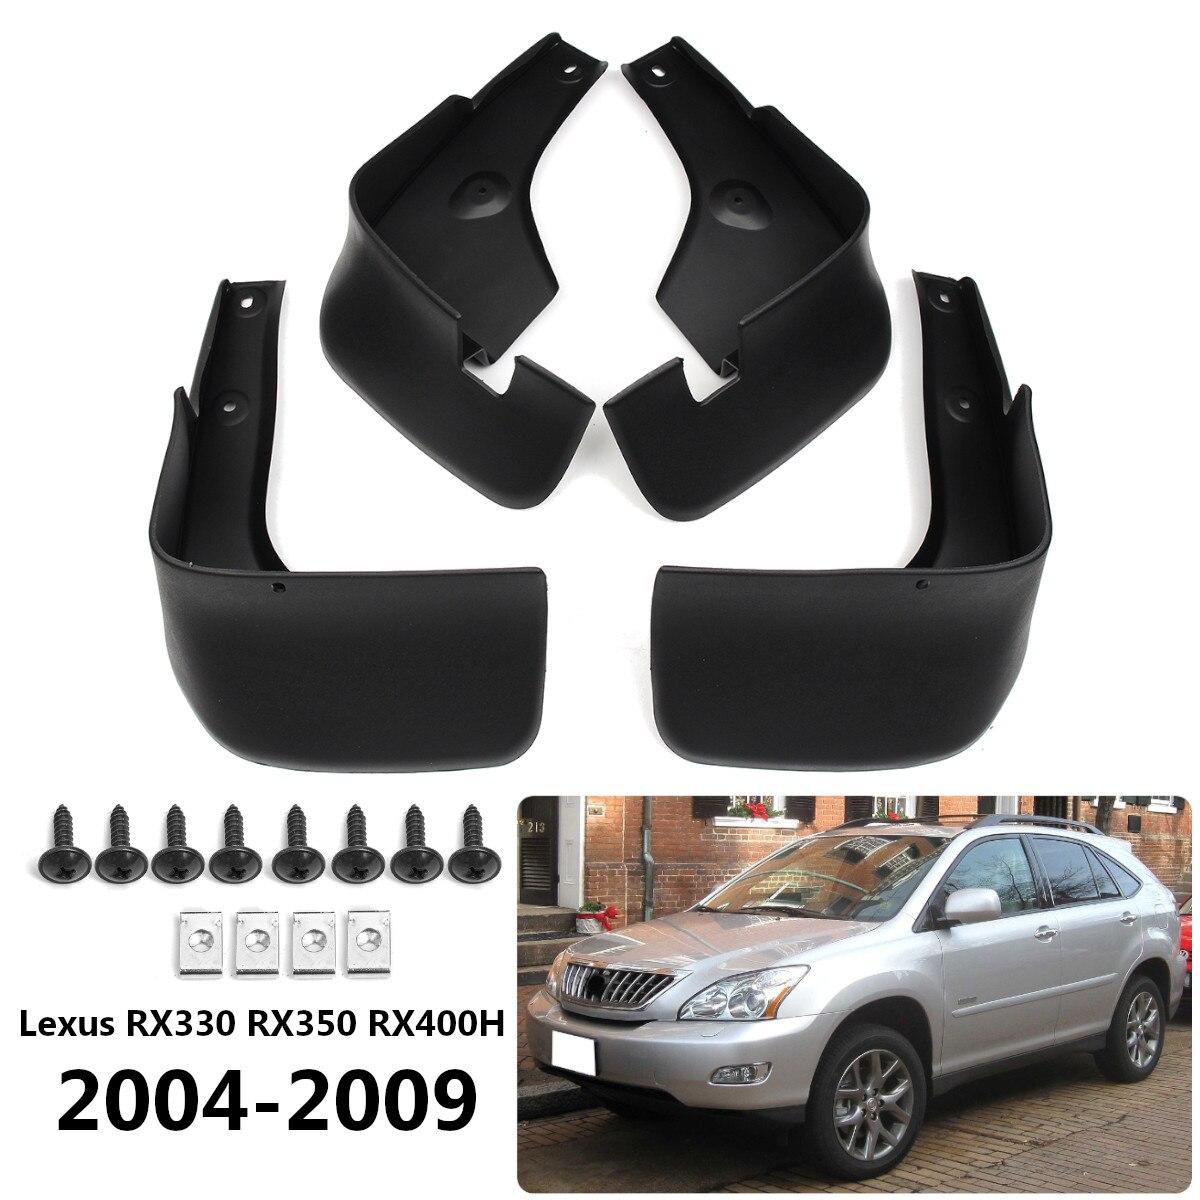 Garde-boue avant arrière pour Lexus RX330 RX350 RX400H 2004-2009 garde-boue garde-boue accessoires garde-boue